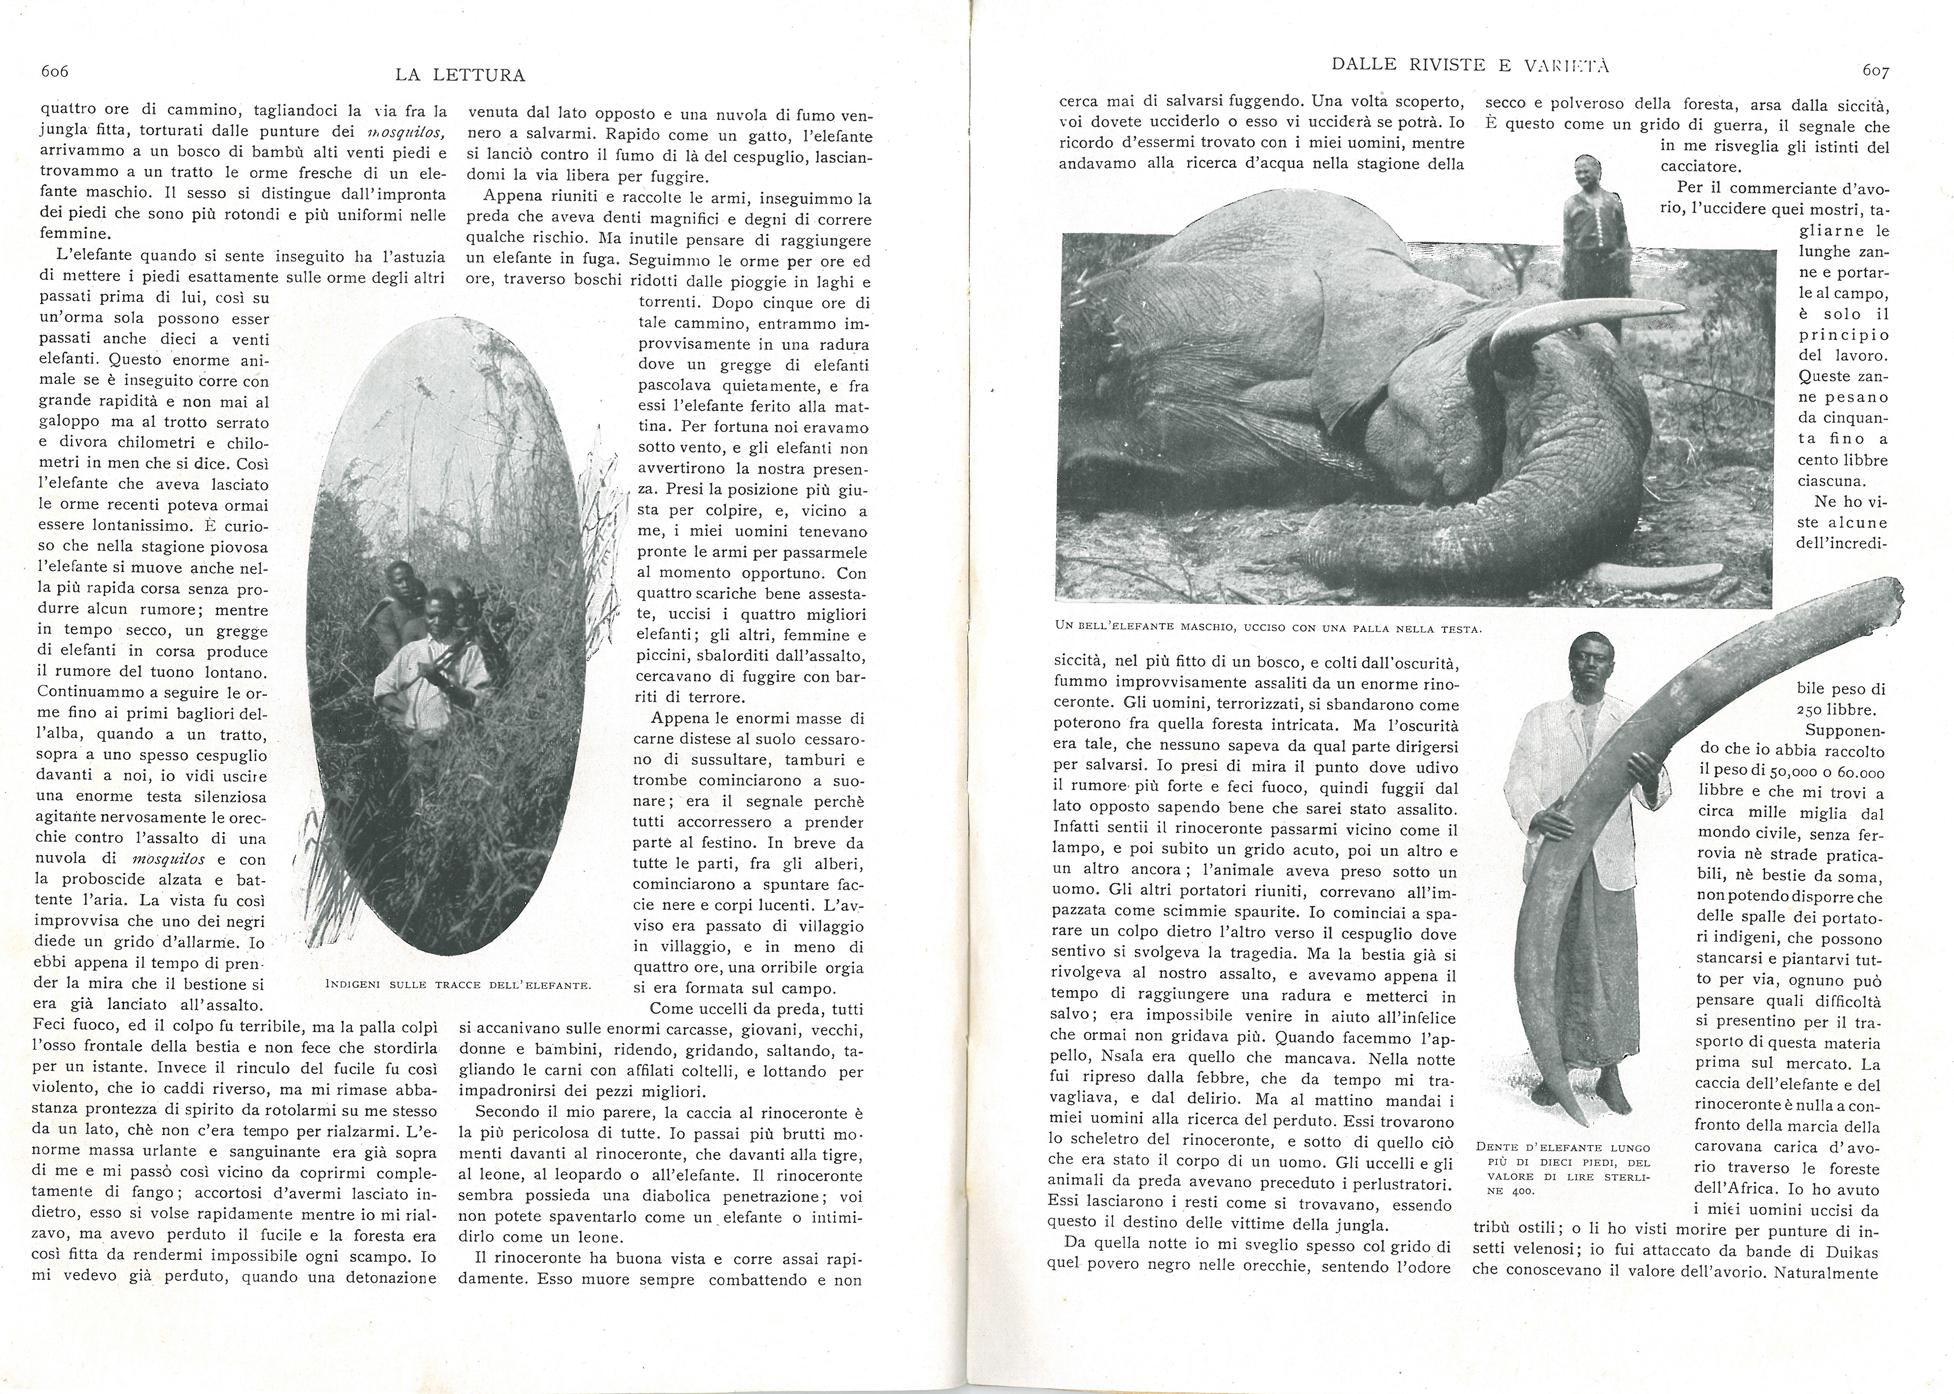 La storia di un cacciatore d'avorio #2